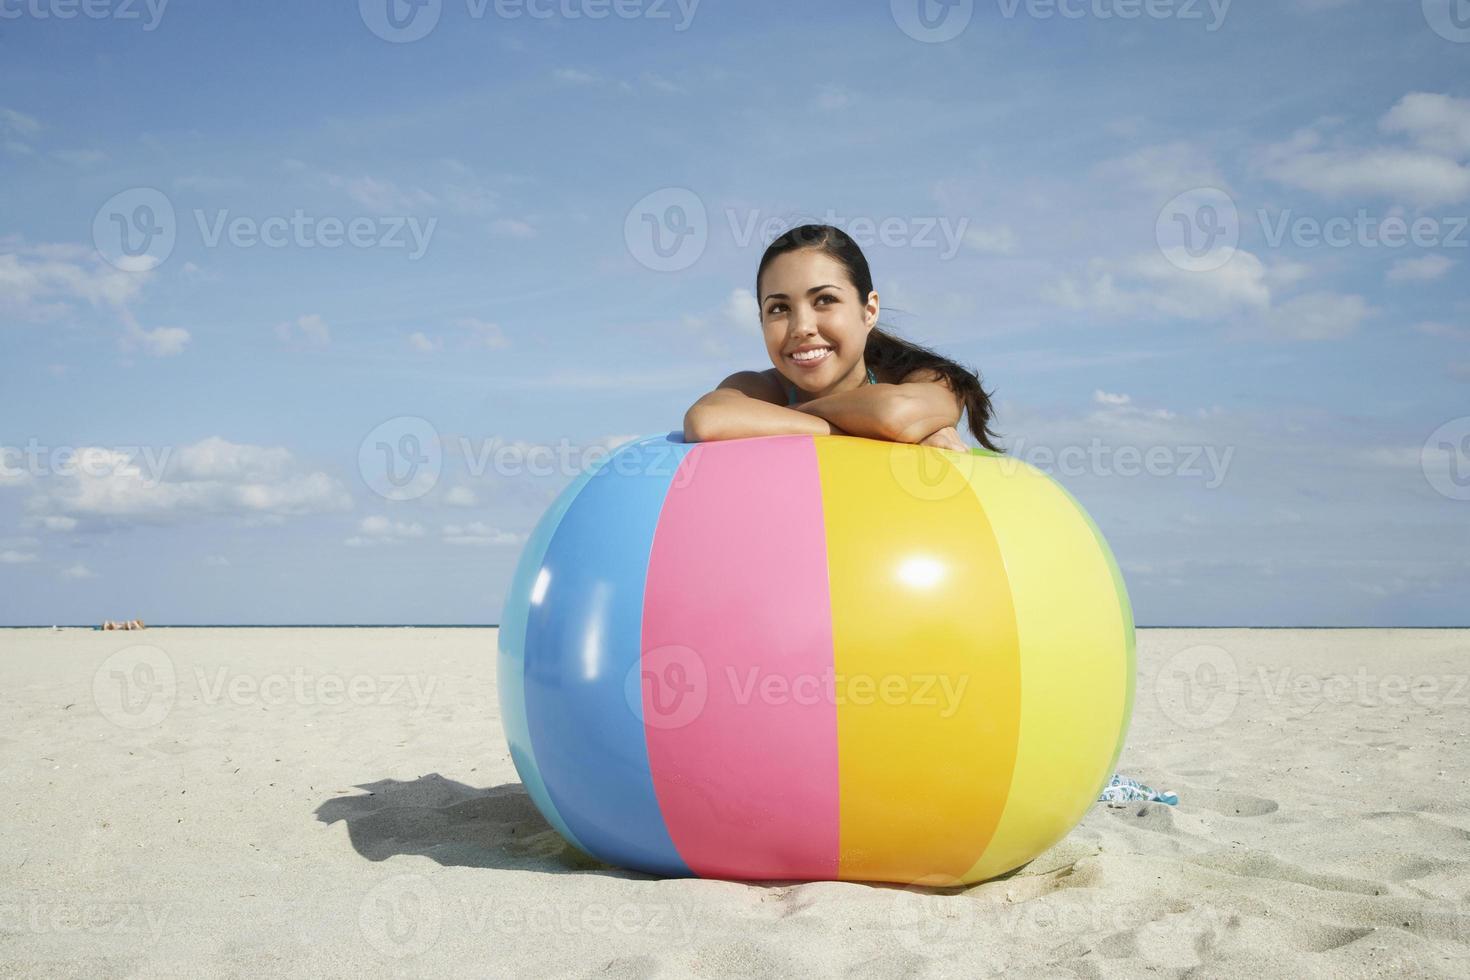 tienermeisje ontspannen op kleurrijke strandbal foto